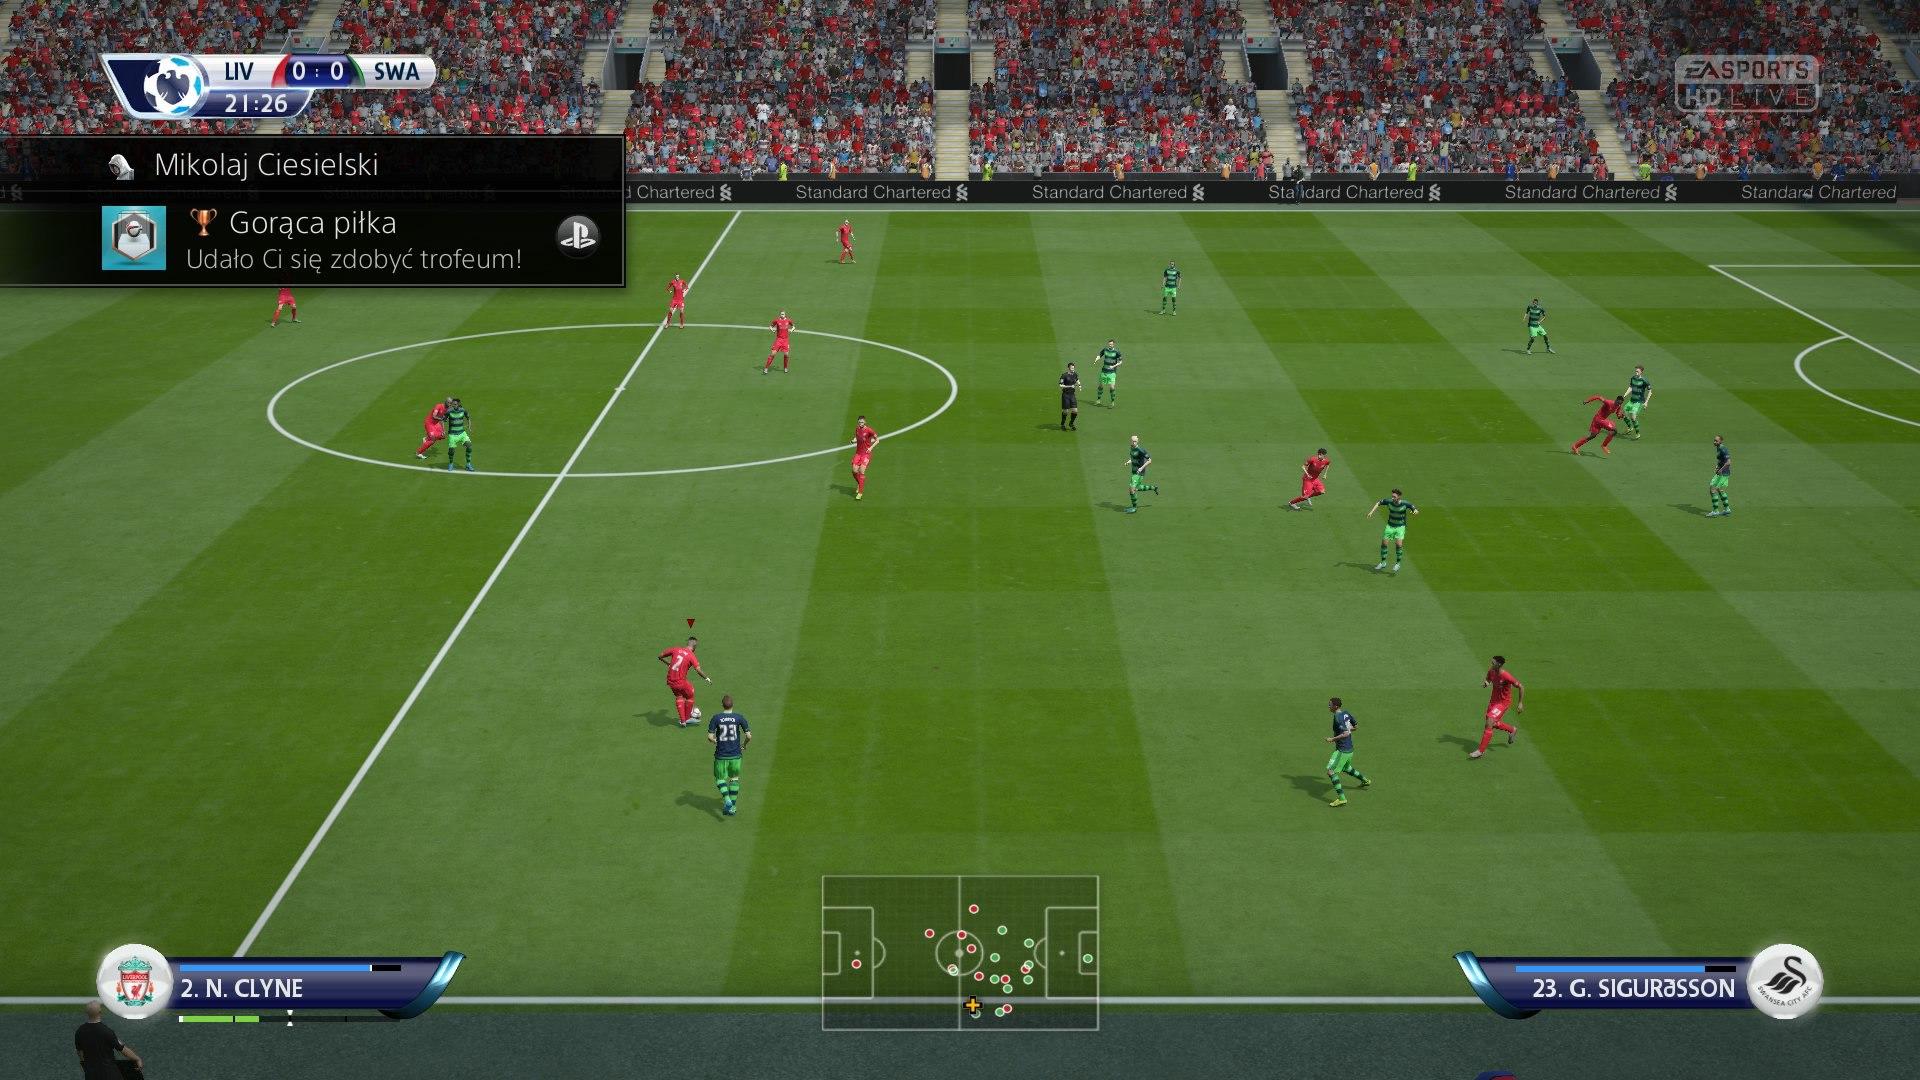 FIFA 16 Szybki mecz 0:0 LIV — SWA, 1. poł.